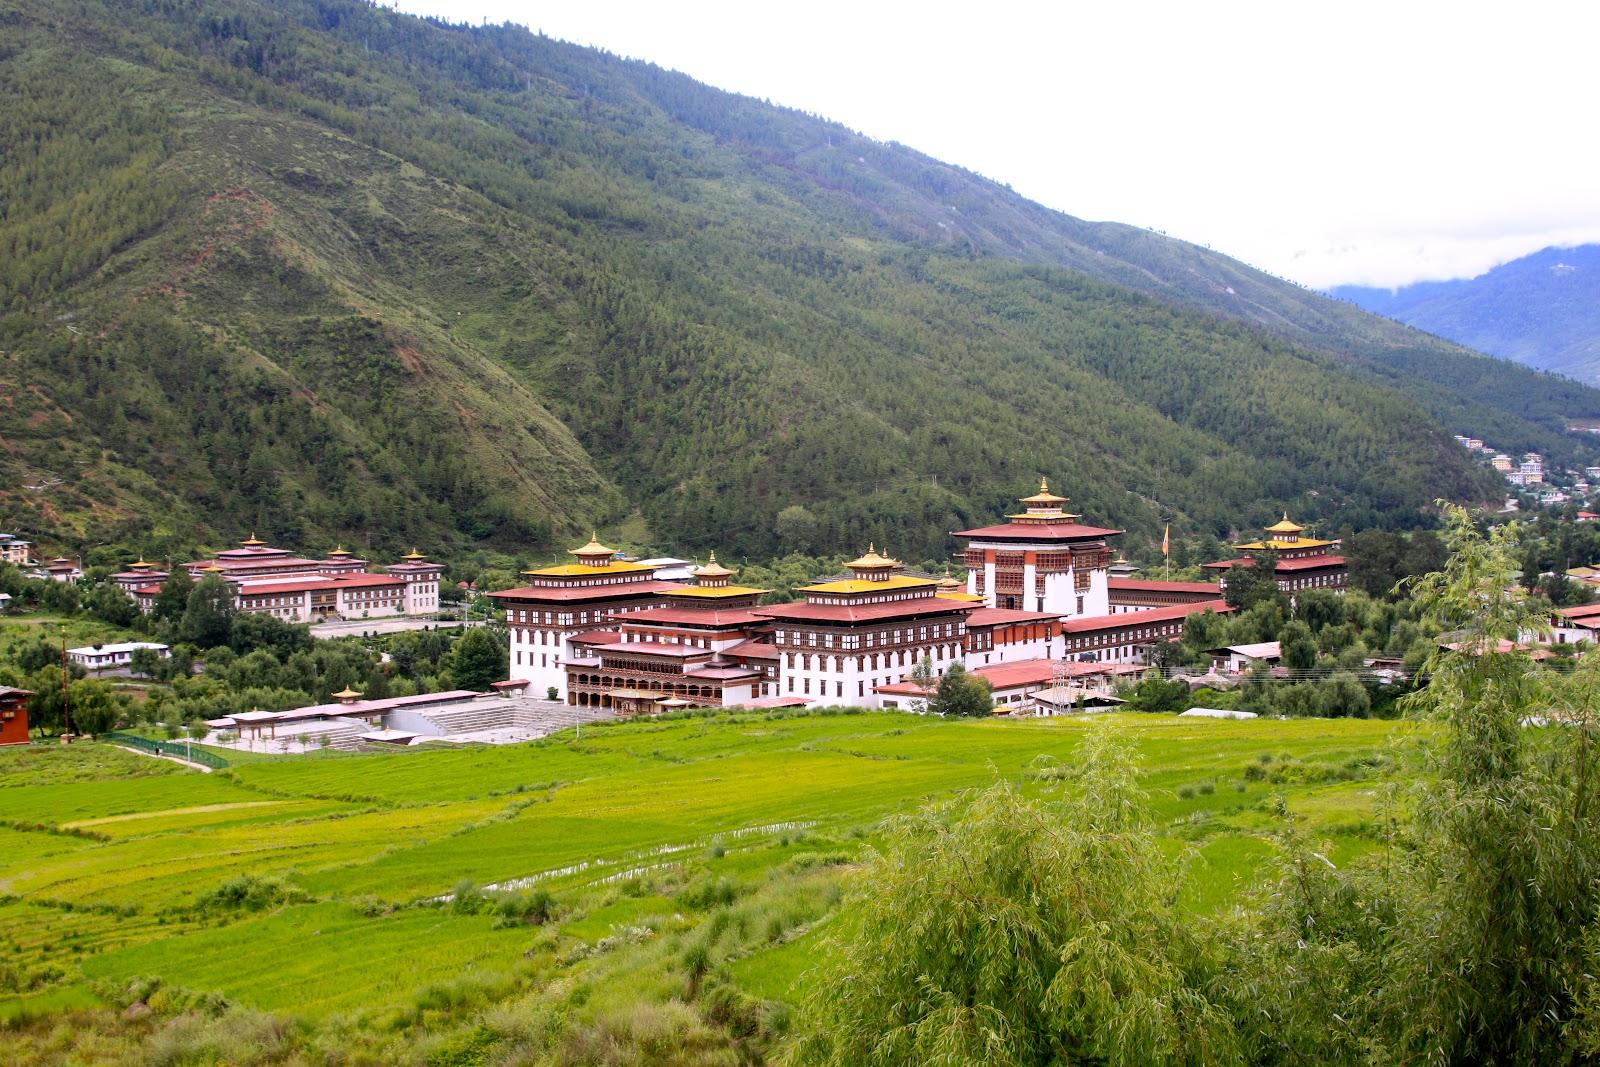 The Trashi Chhoe Dzong, Bhutan